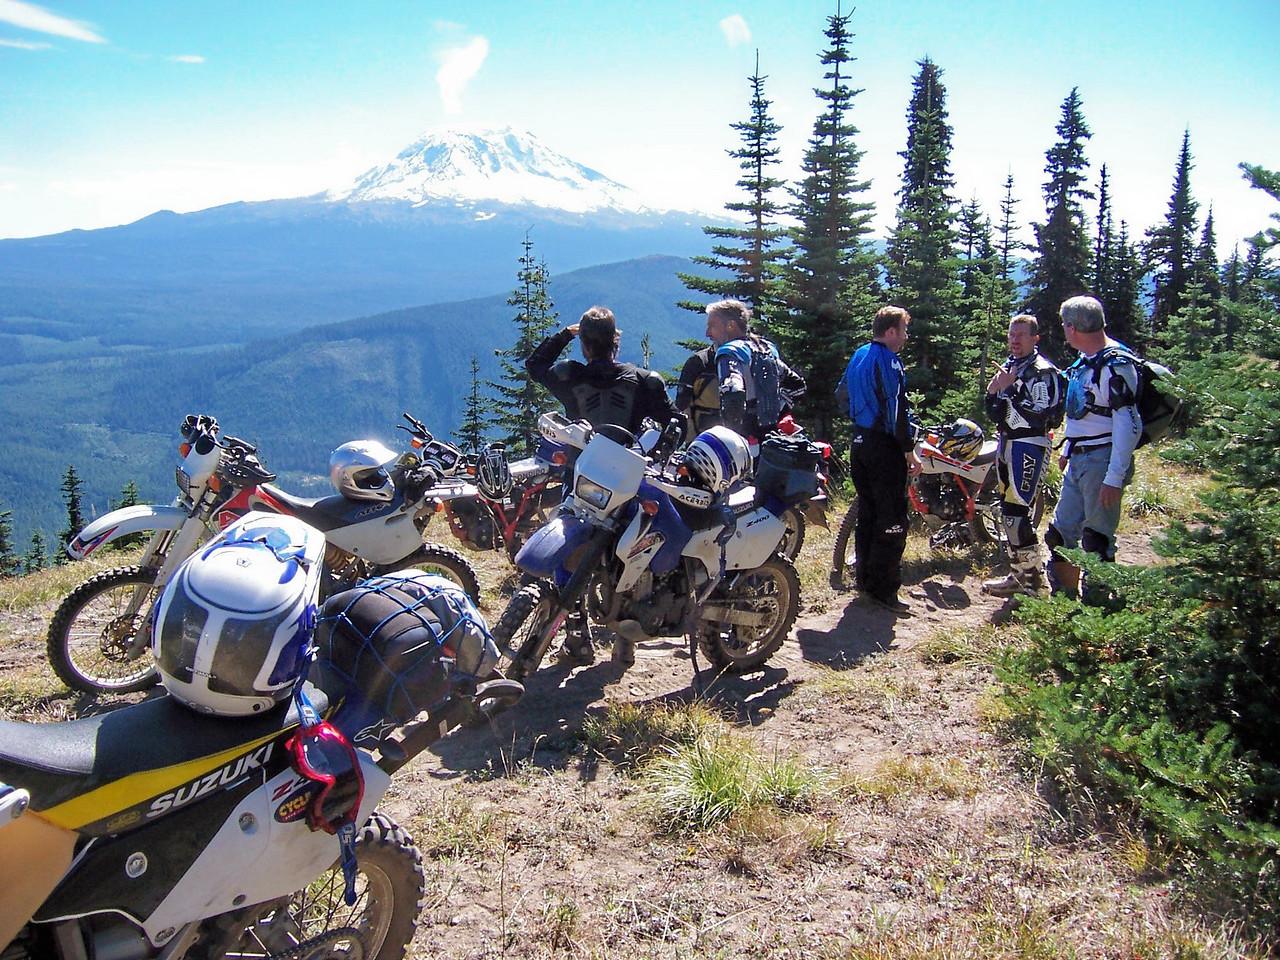 Mt. Adams from Hamilton Ridge trail.